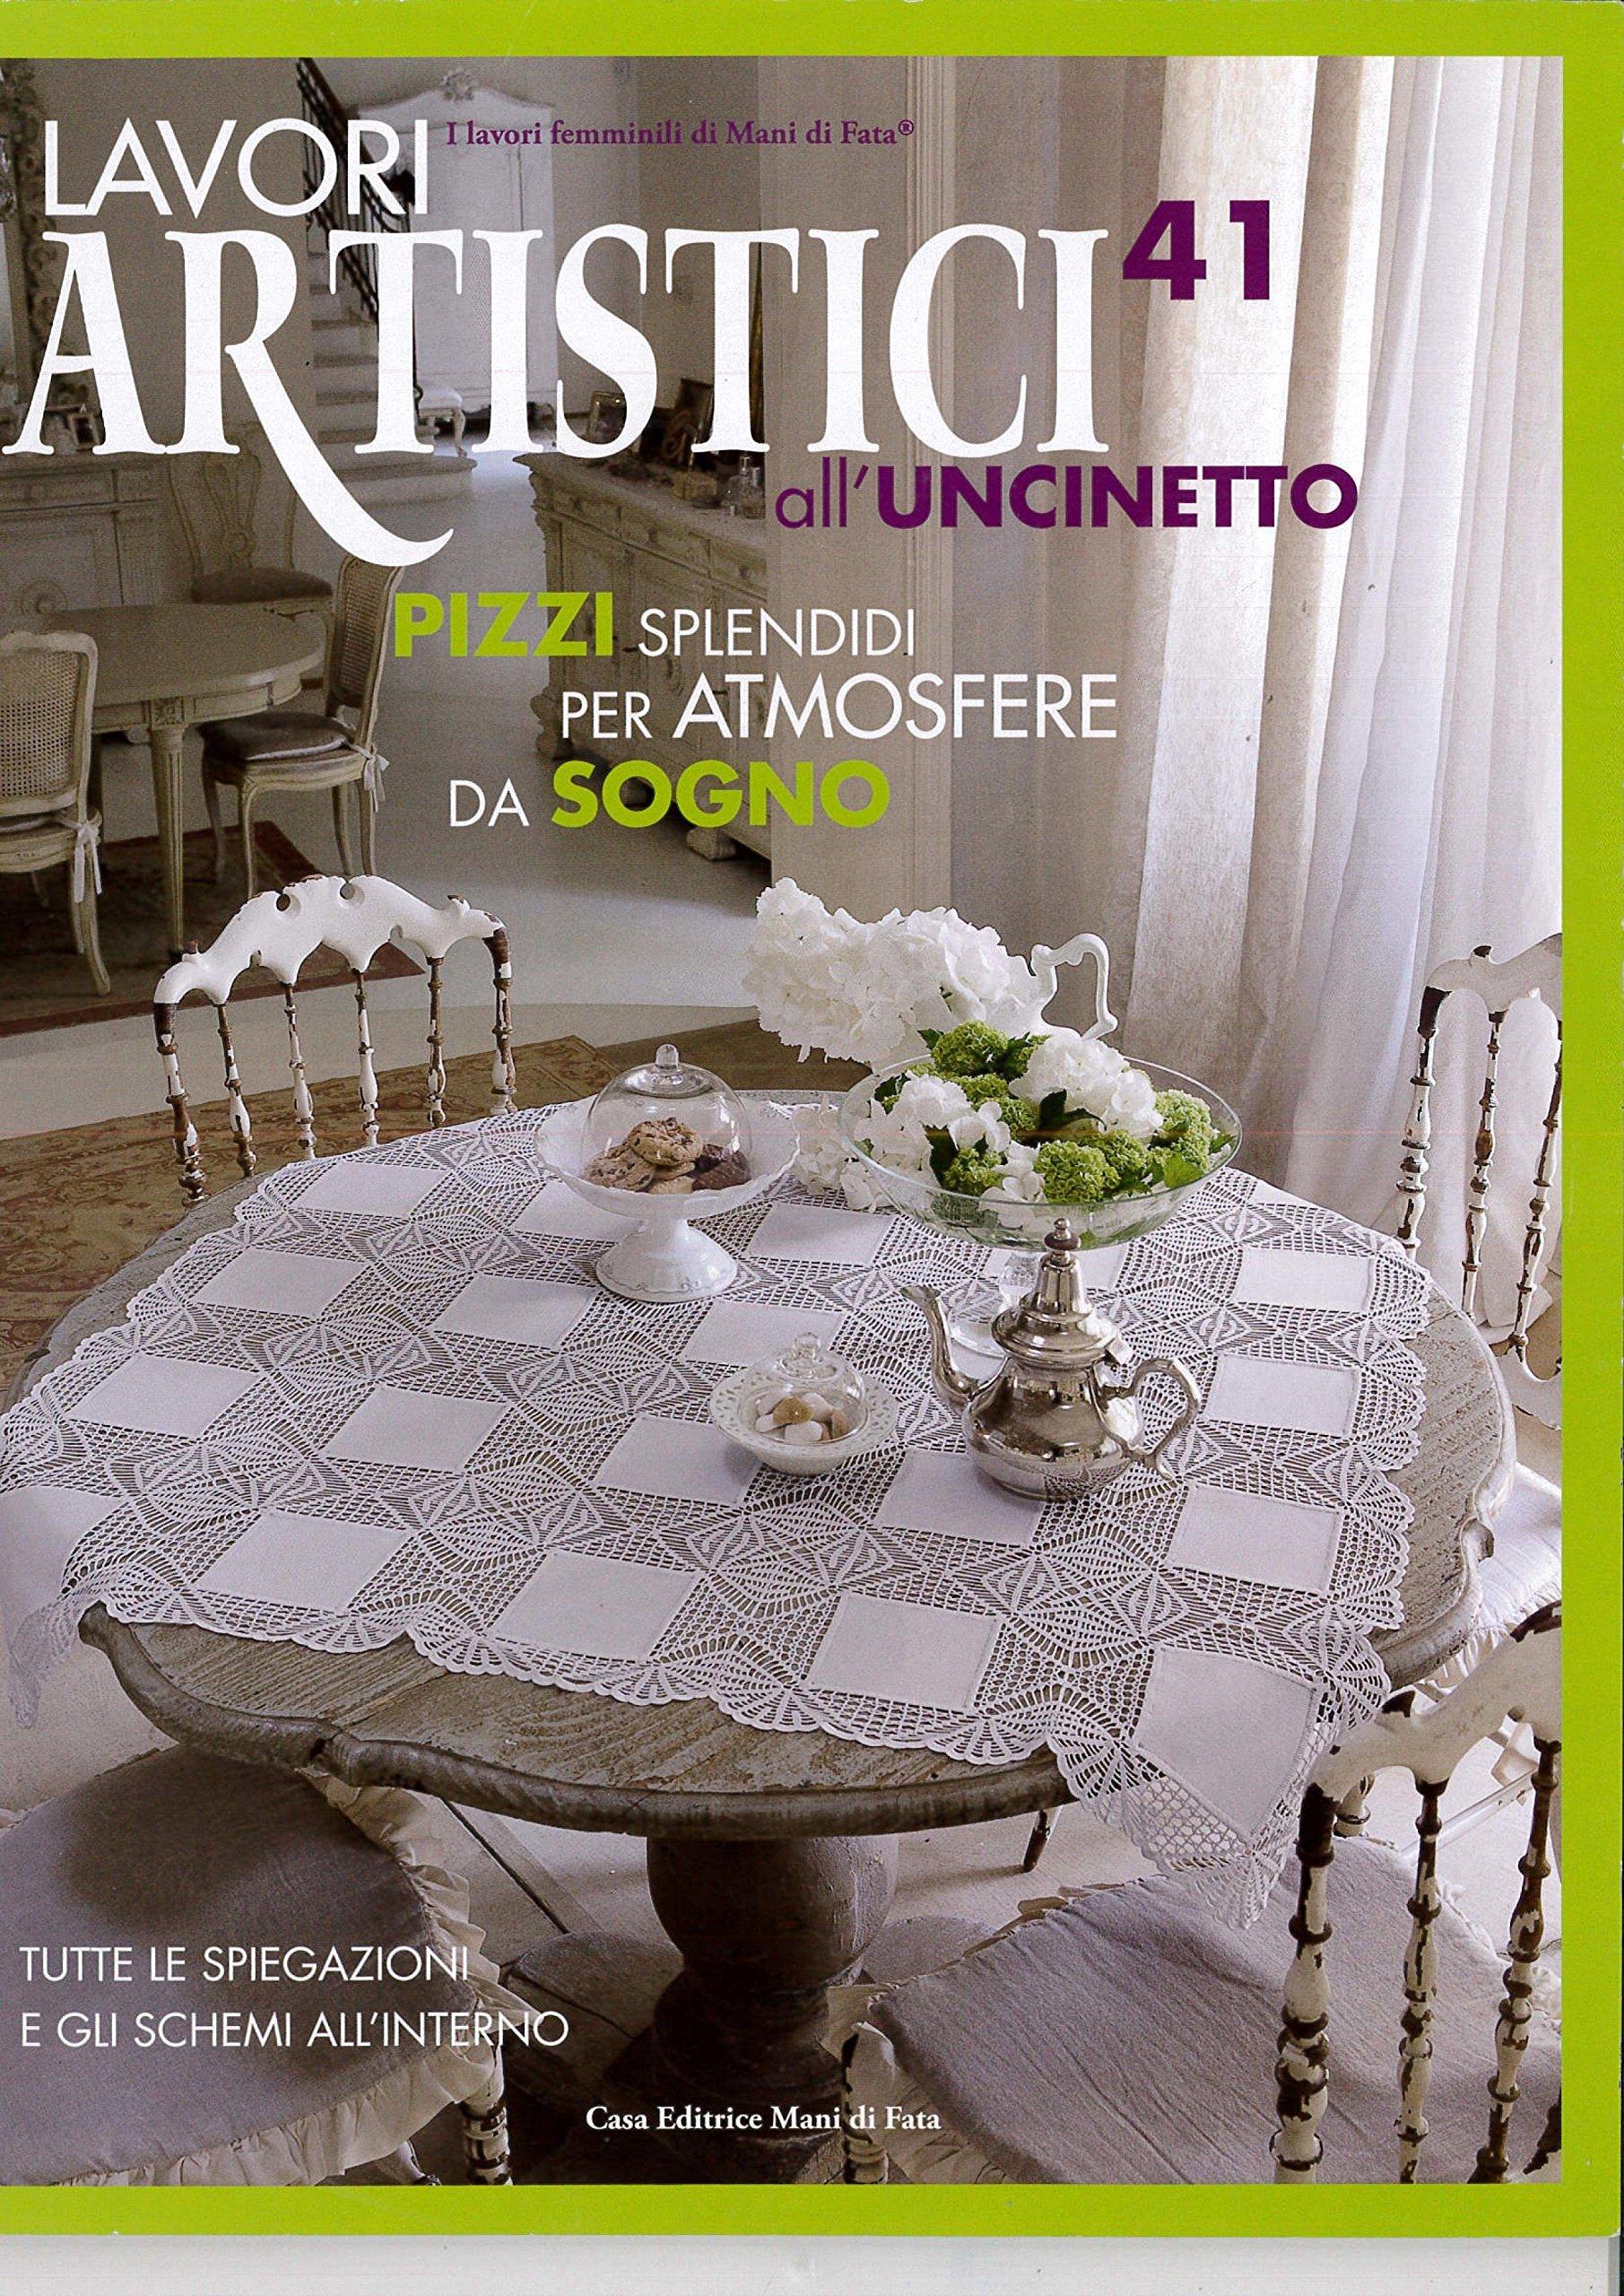 Lavori Di Uncinetto.Amazon It Lavori Artistici All Uncinetto 41 Casa Editrice Mani